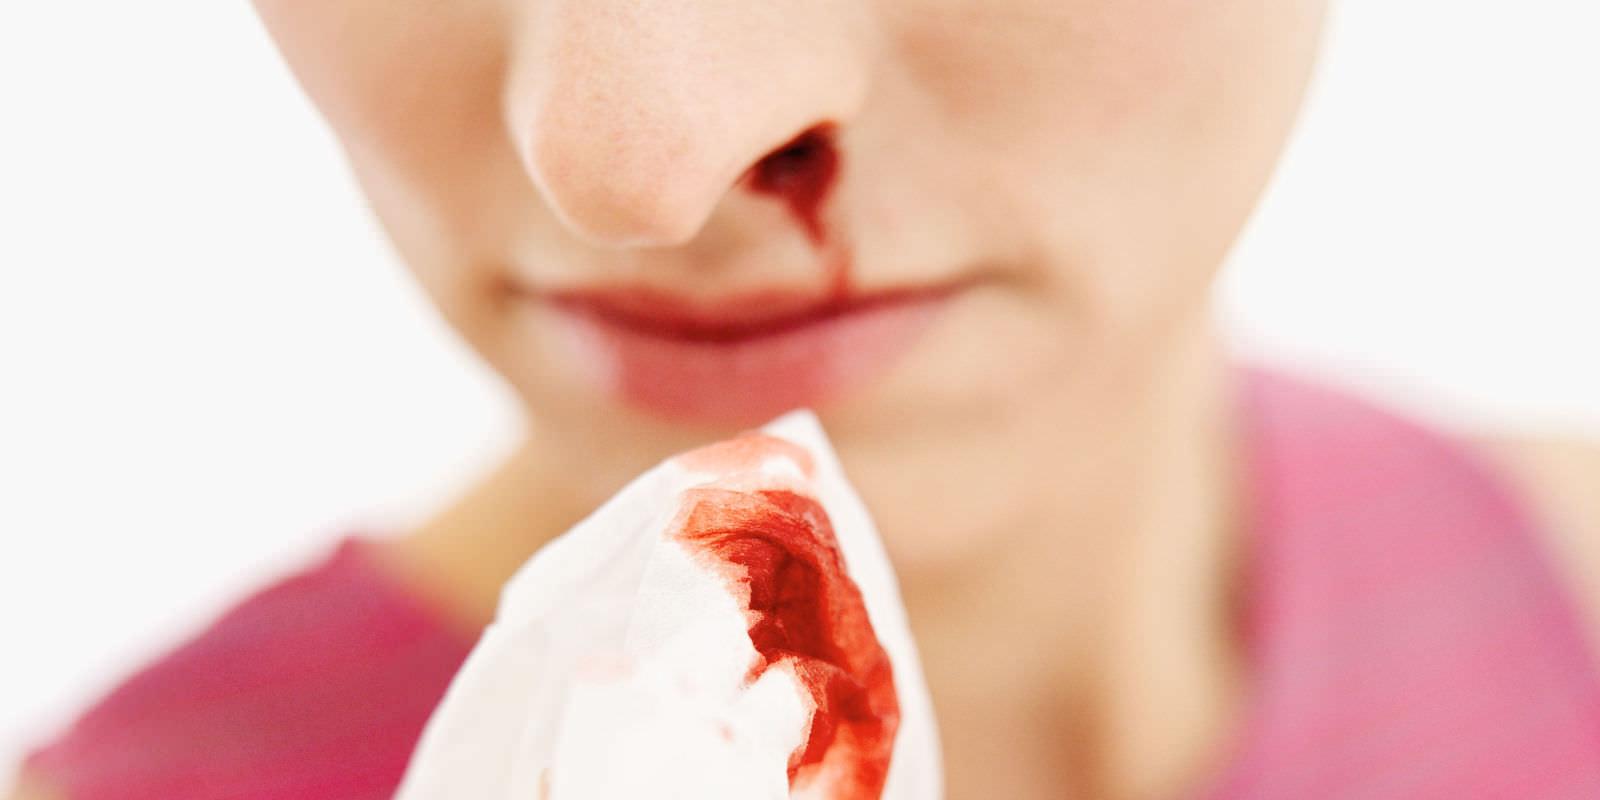 prichini-za-krvavenje-od-nosot